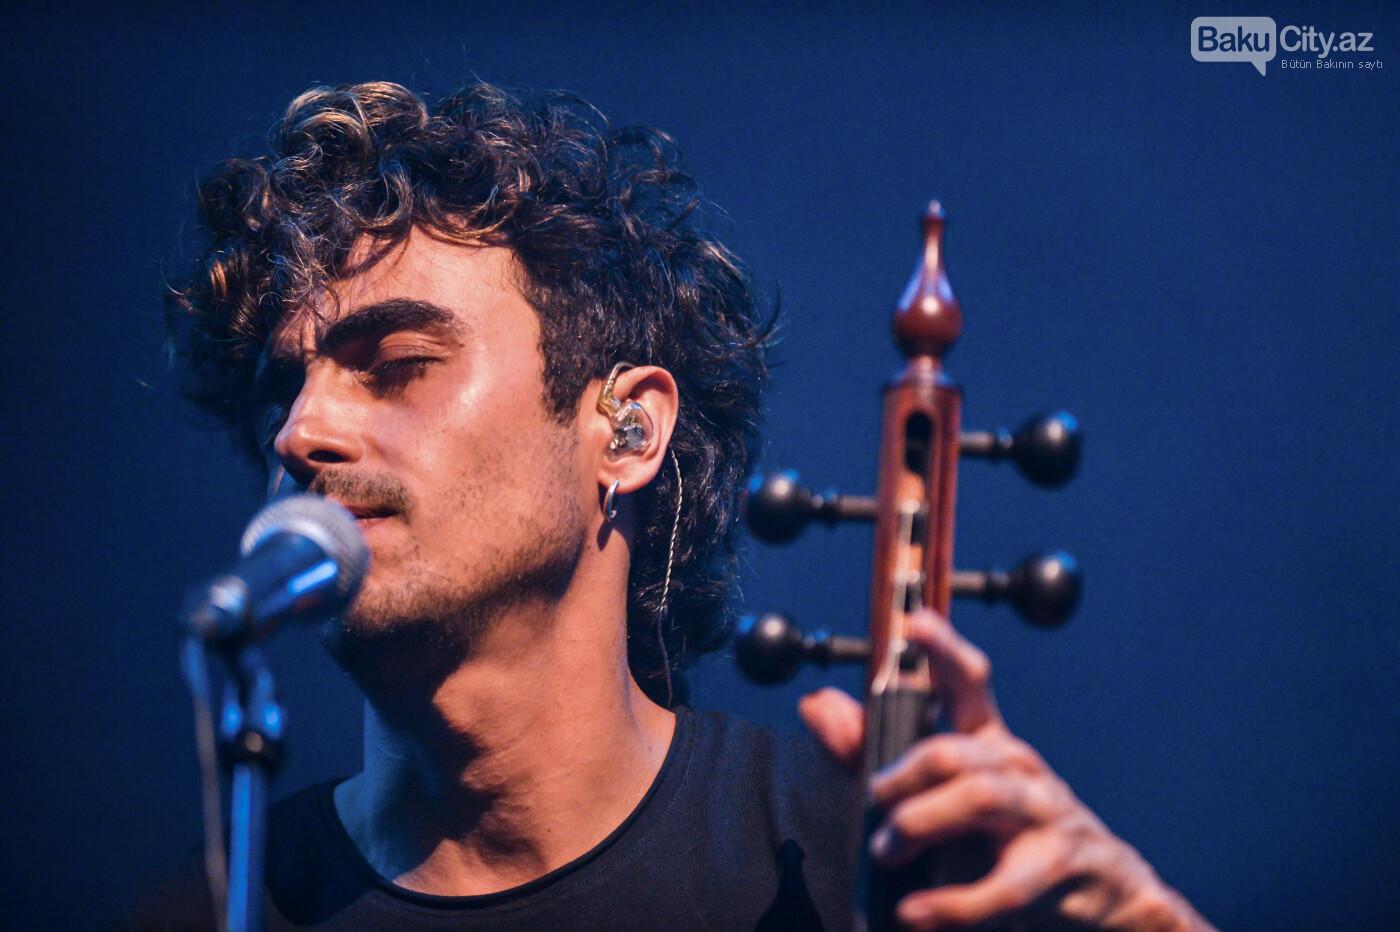 İsrailli musiqiçi Bakıda konsert verdi - FOTO, fotoşəkil-9